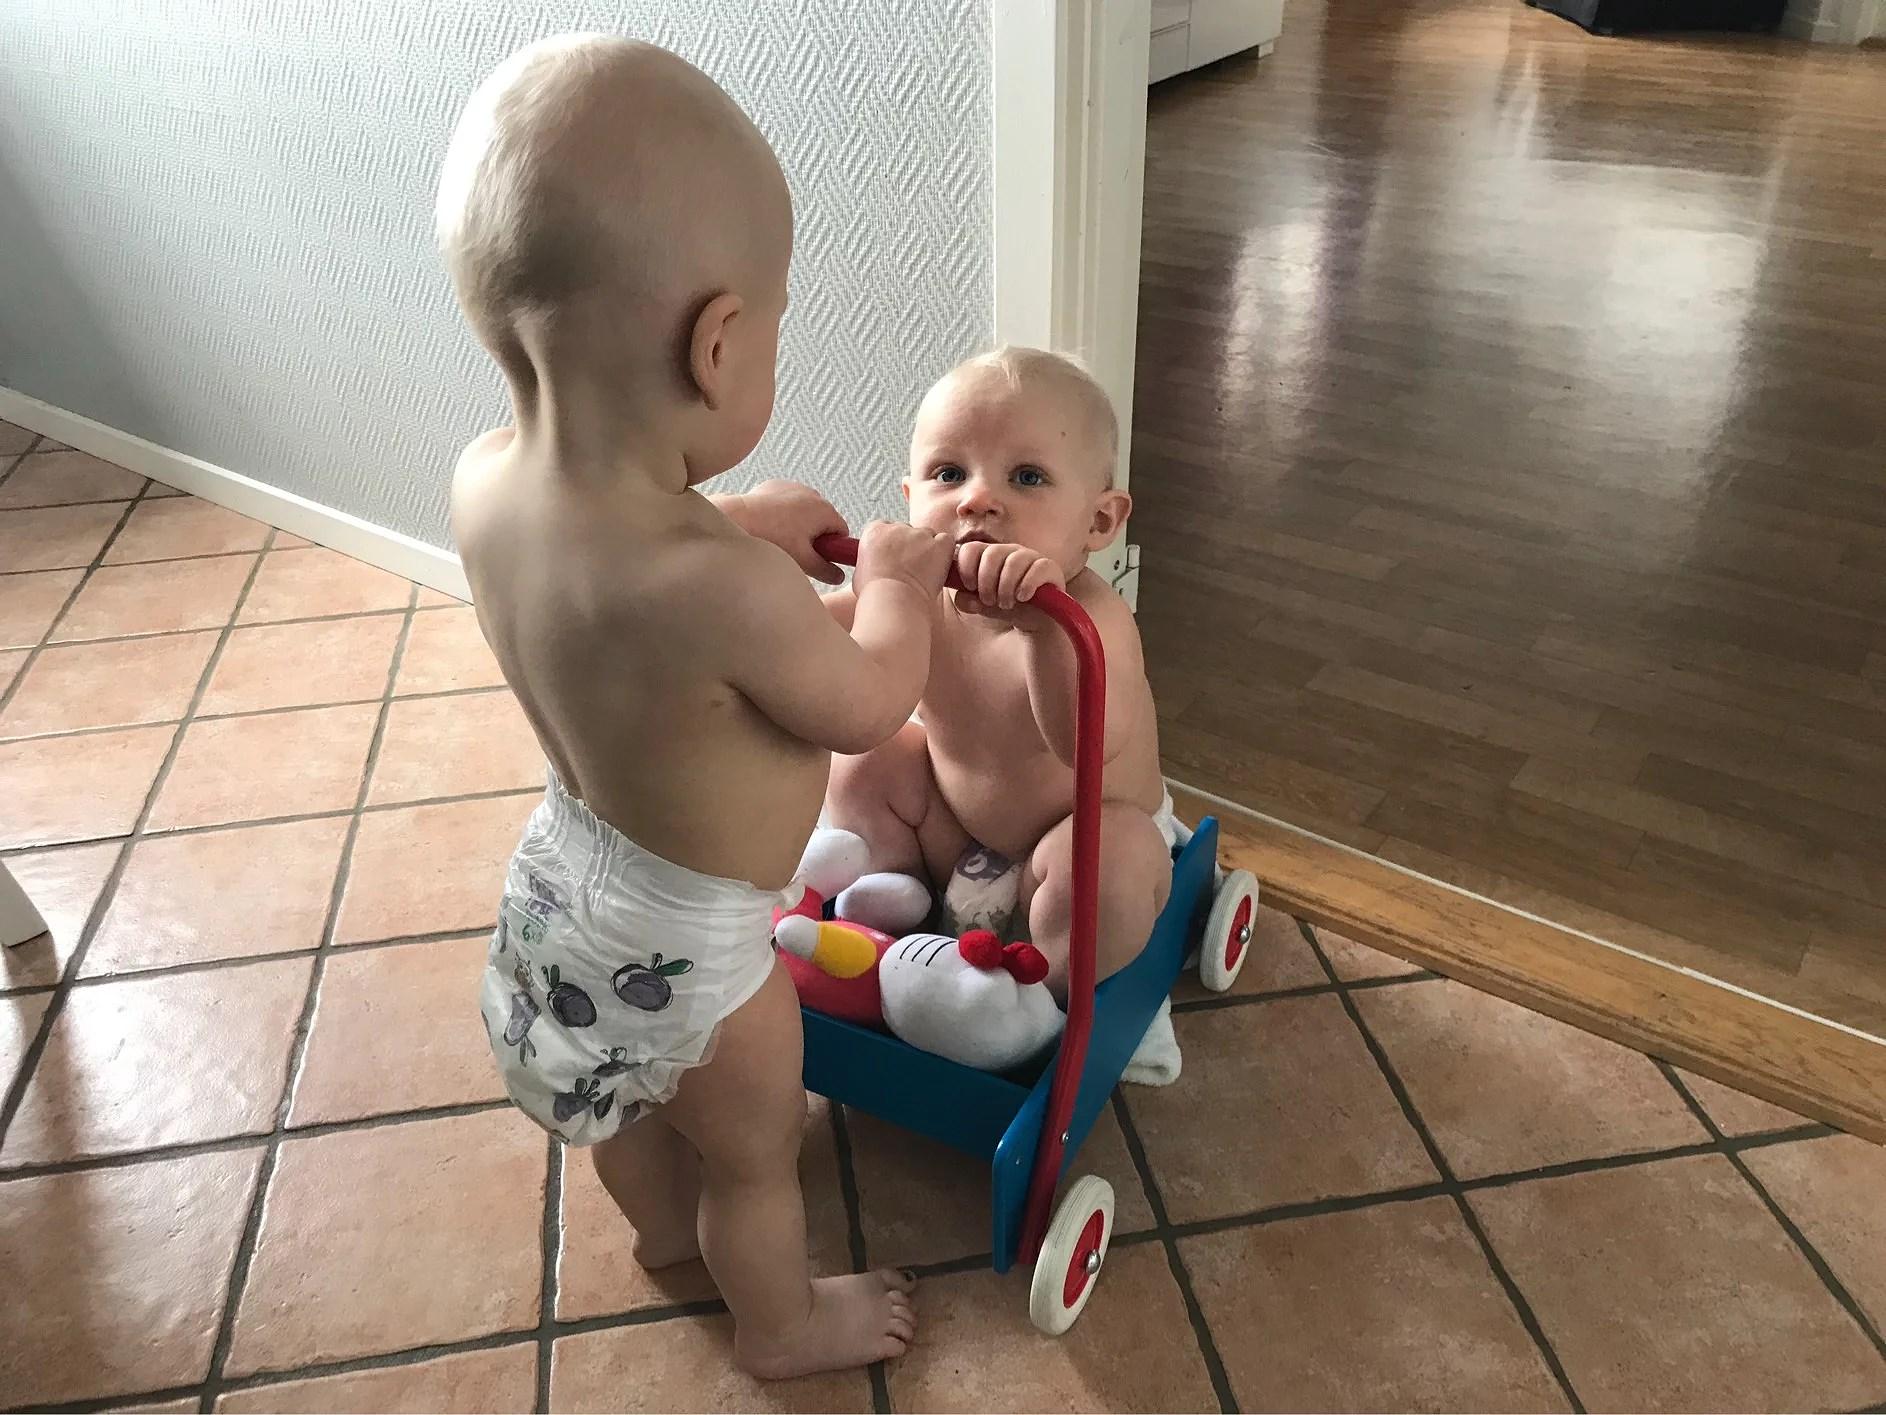 Går varandra på nerverna